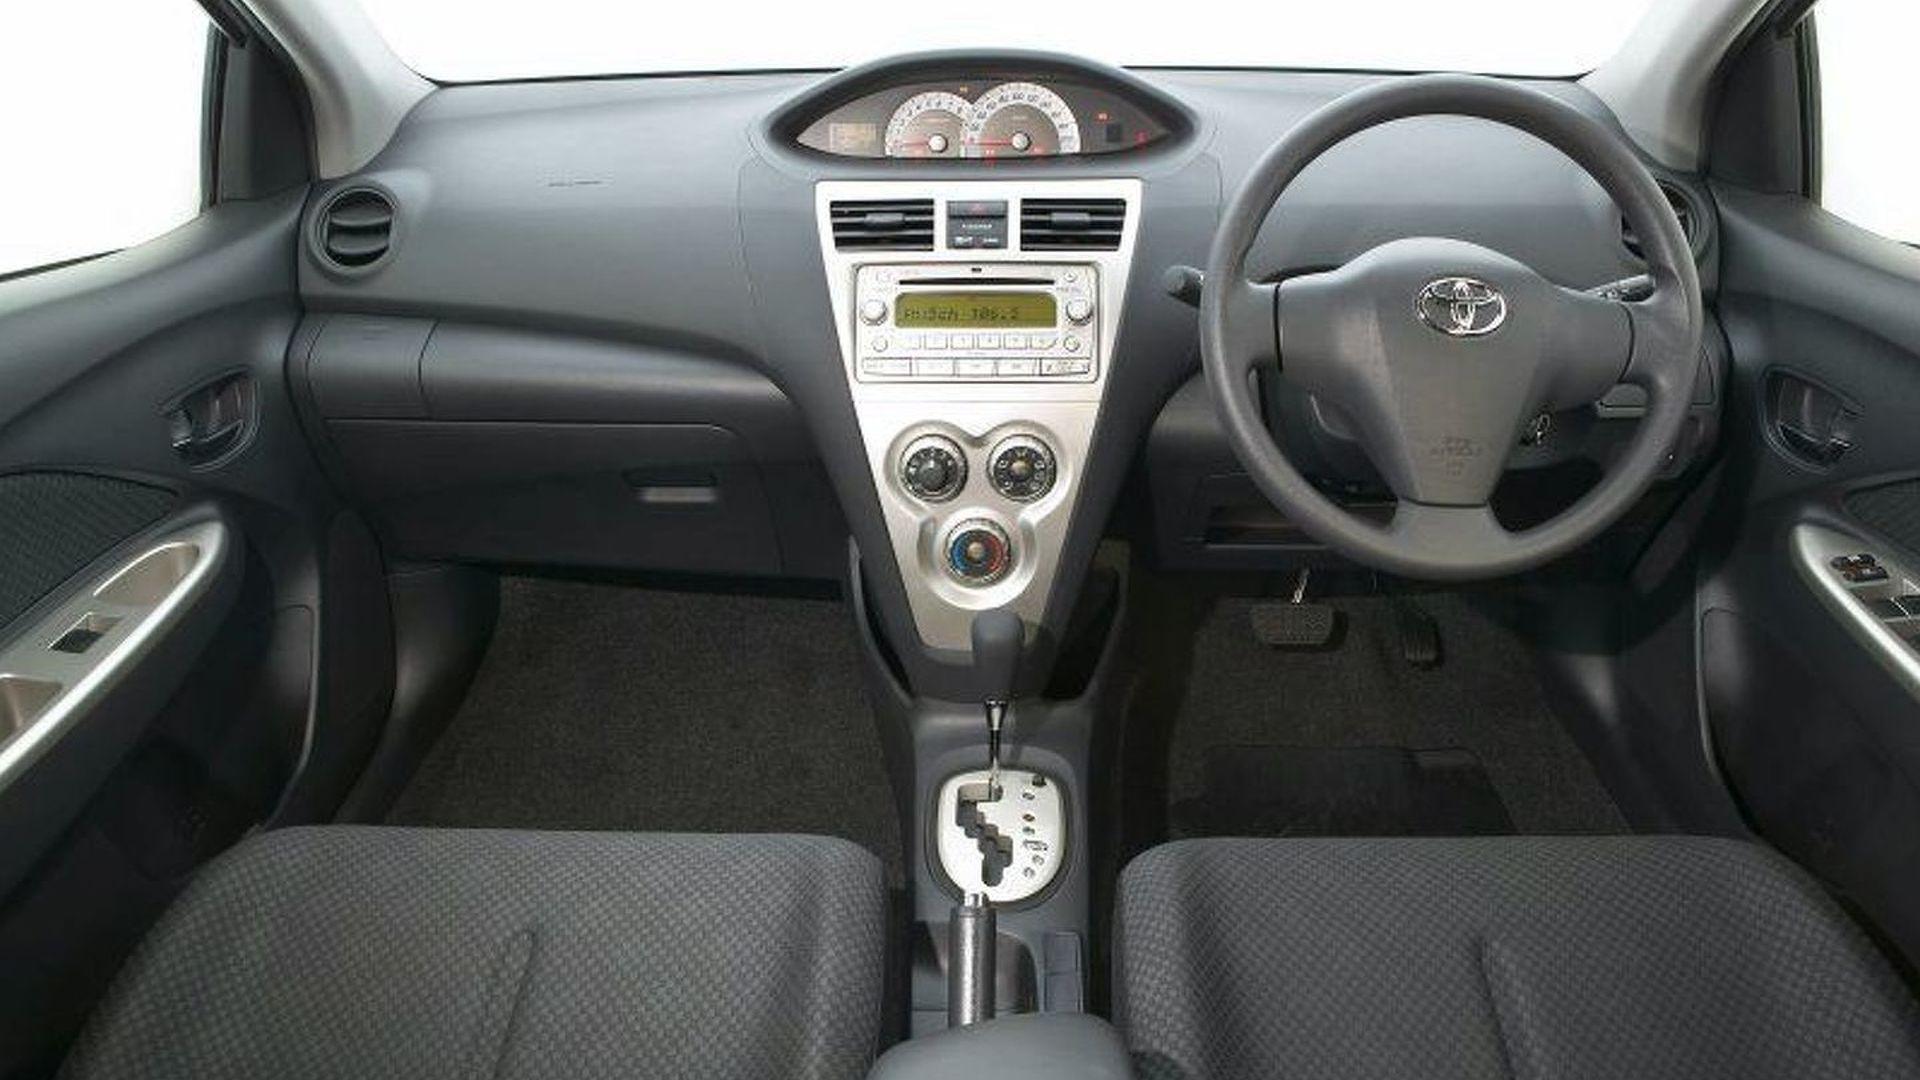 Kelebihan Toyota Yaris 2006 Spesifikasi